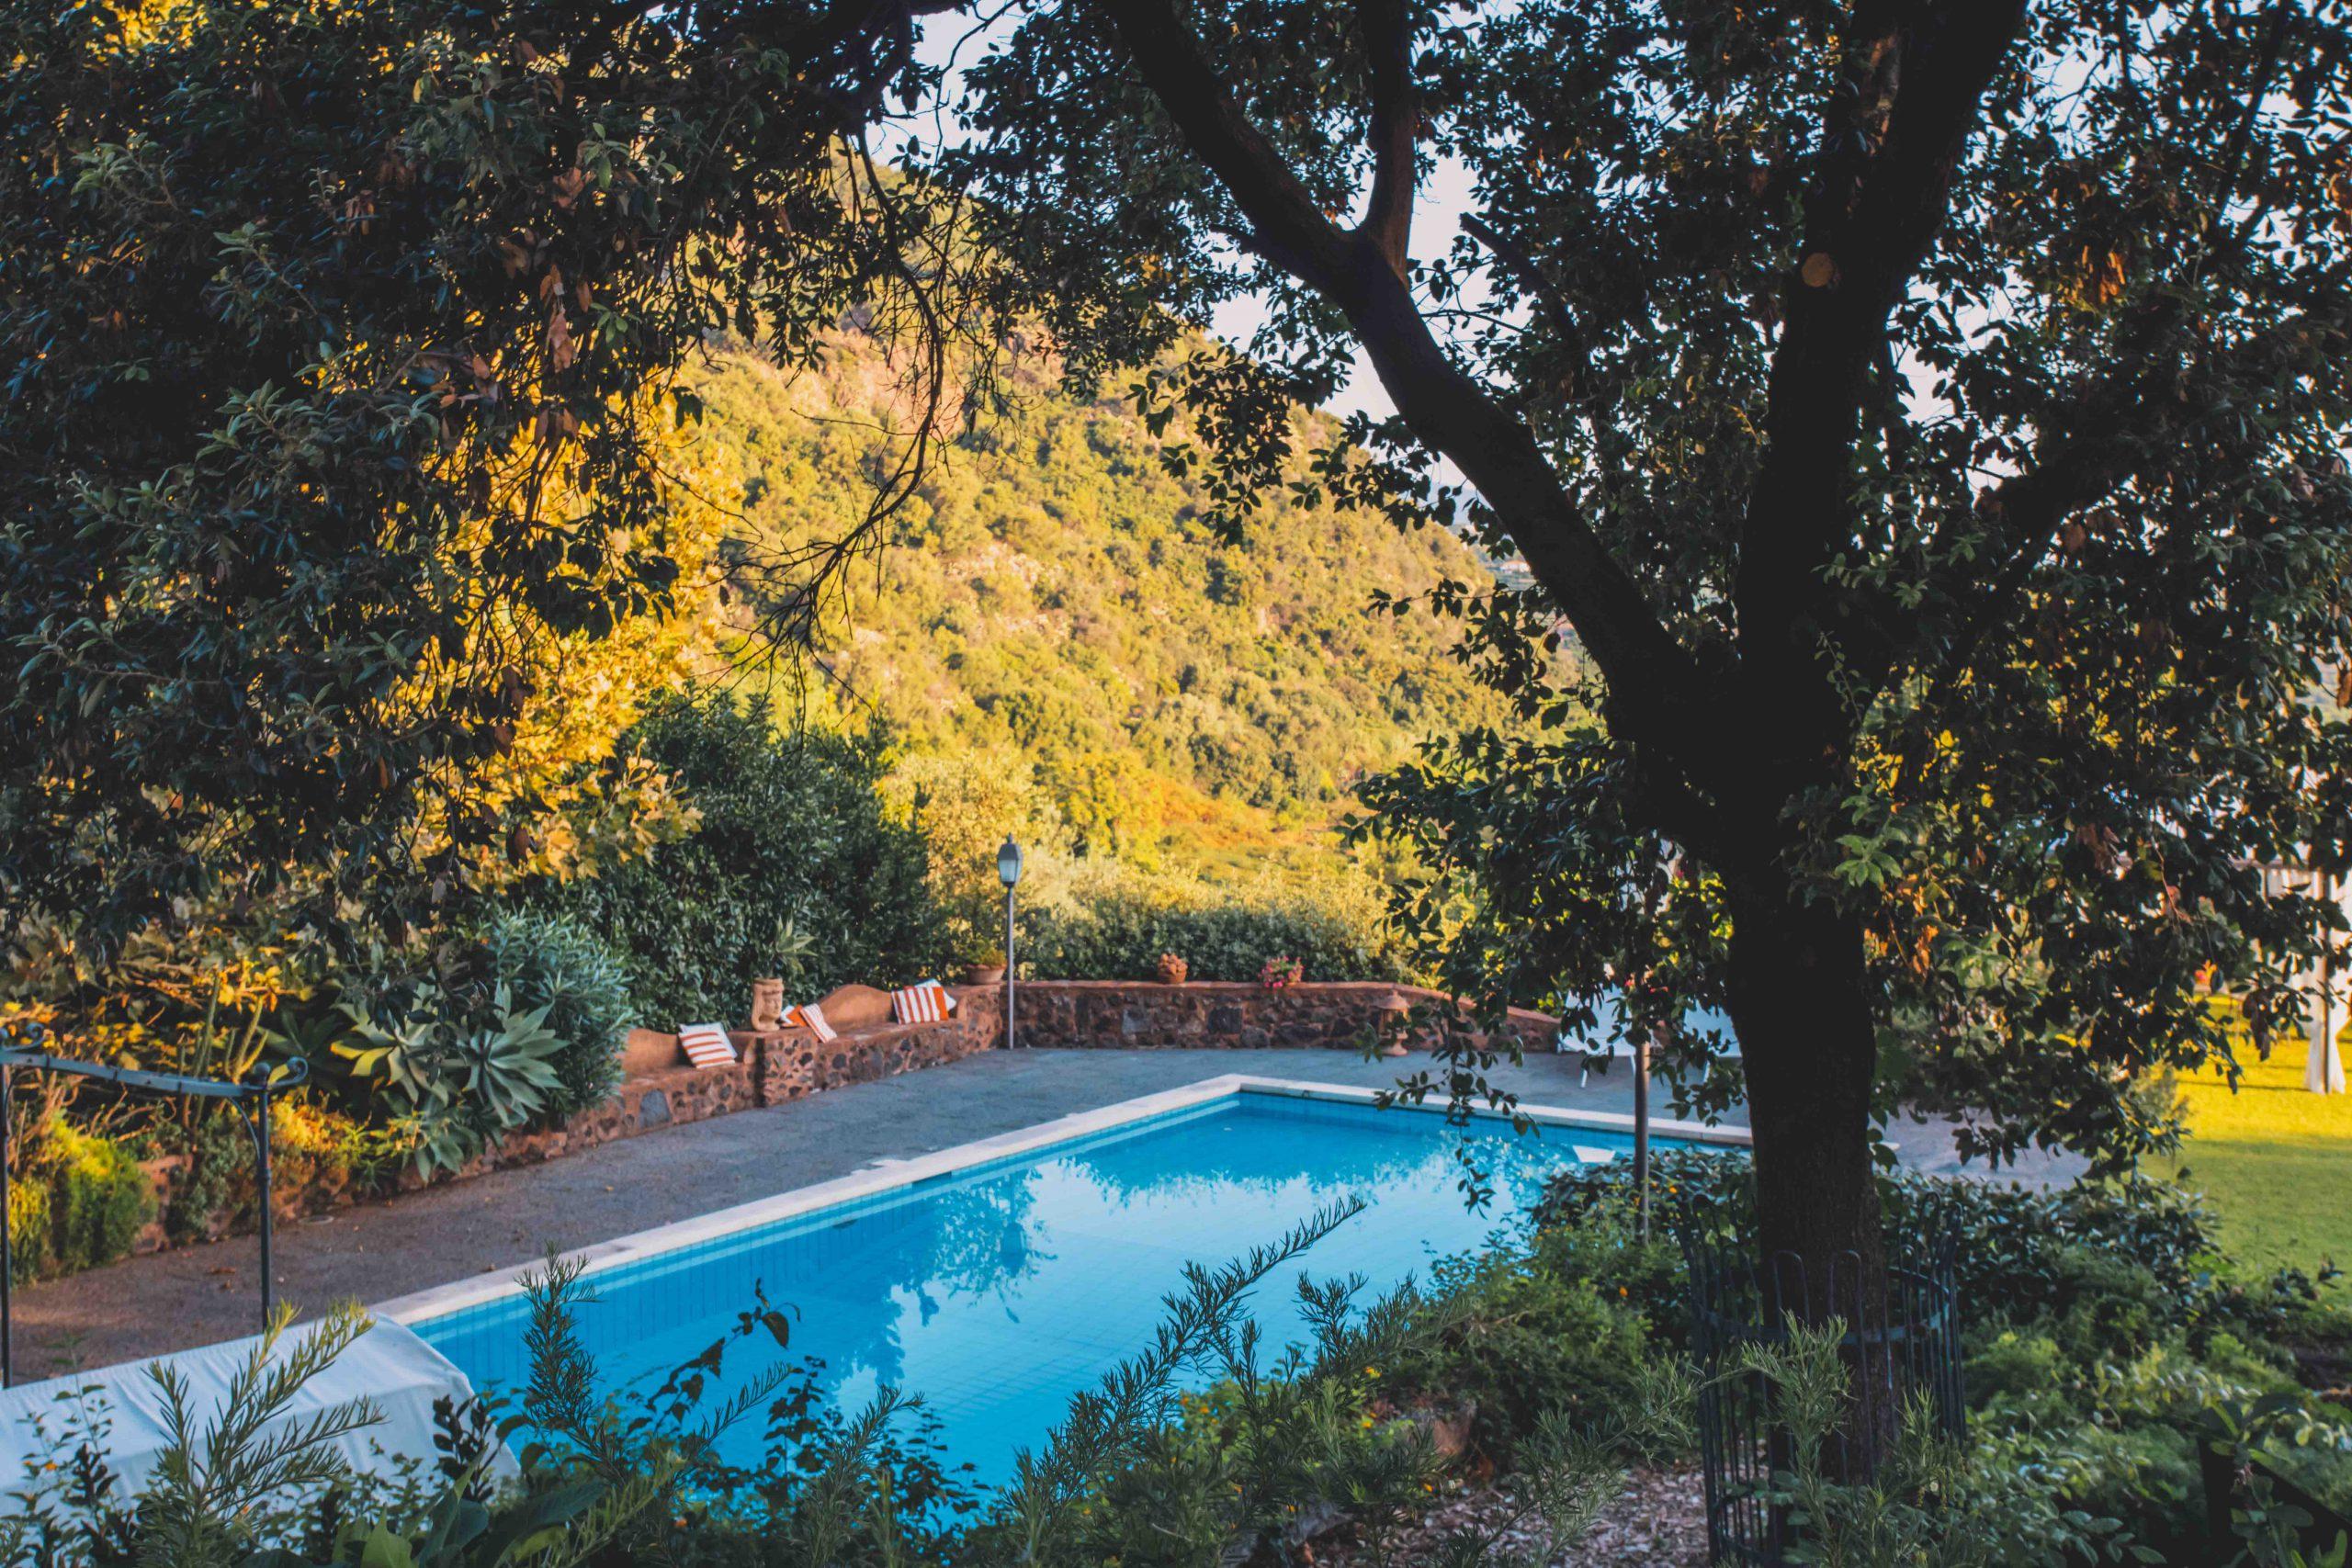 Ancora troppo presto per un tuffo? Allora è bene programmare per tempo! Scopri Villa Musmeci e innamorati del tuo prossimo ricordo da vivere qui, tra natura, tradizione ed eleganza.